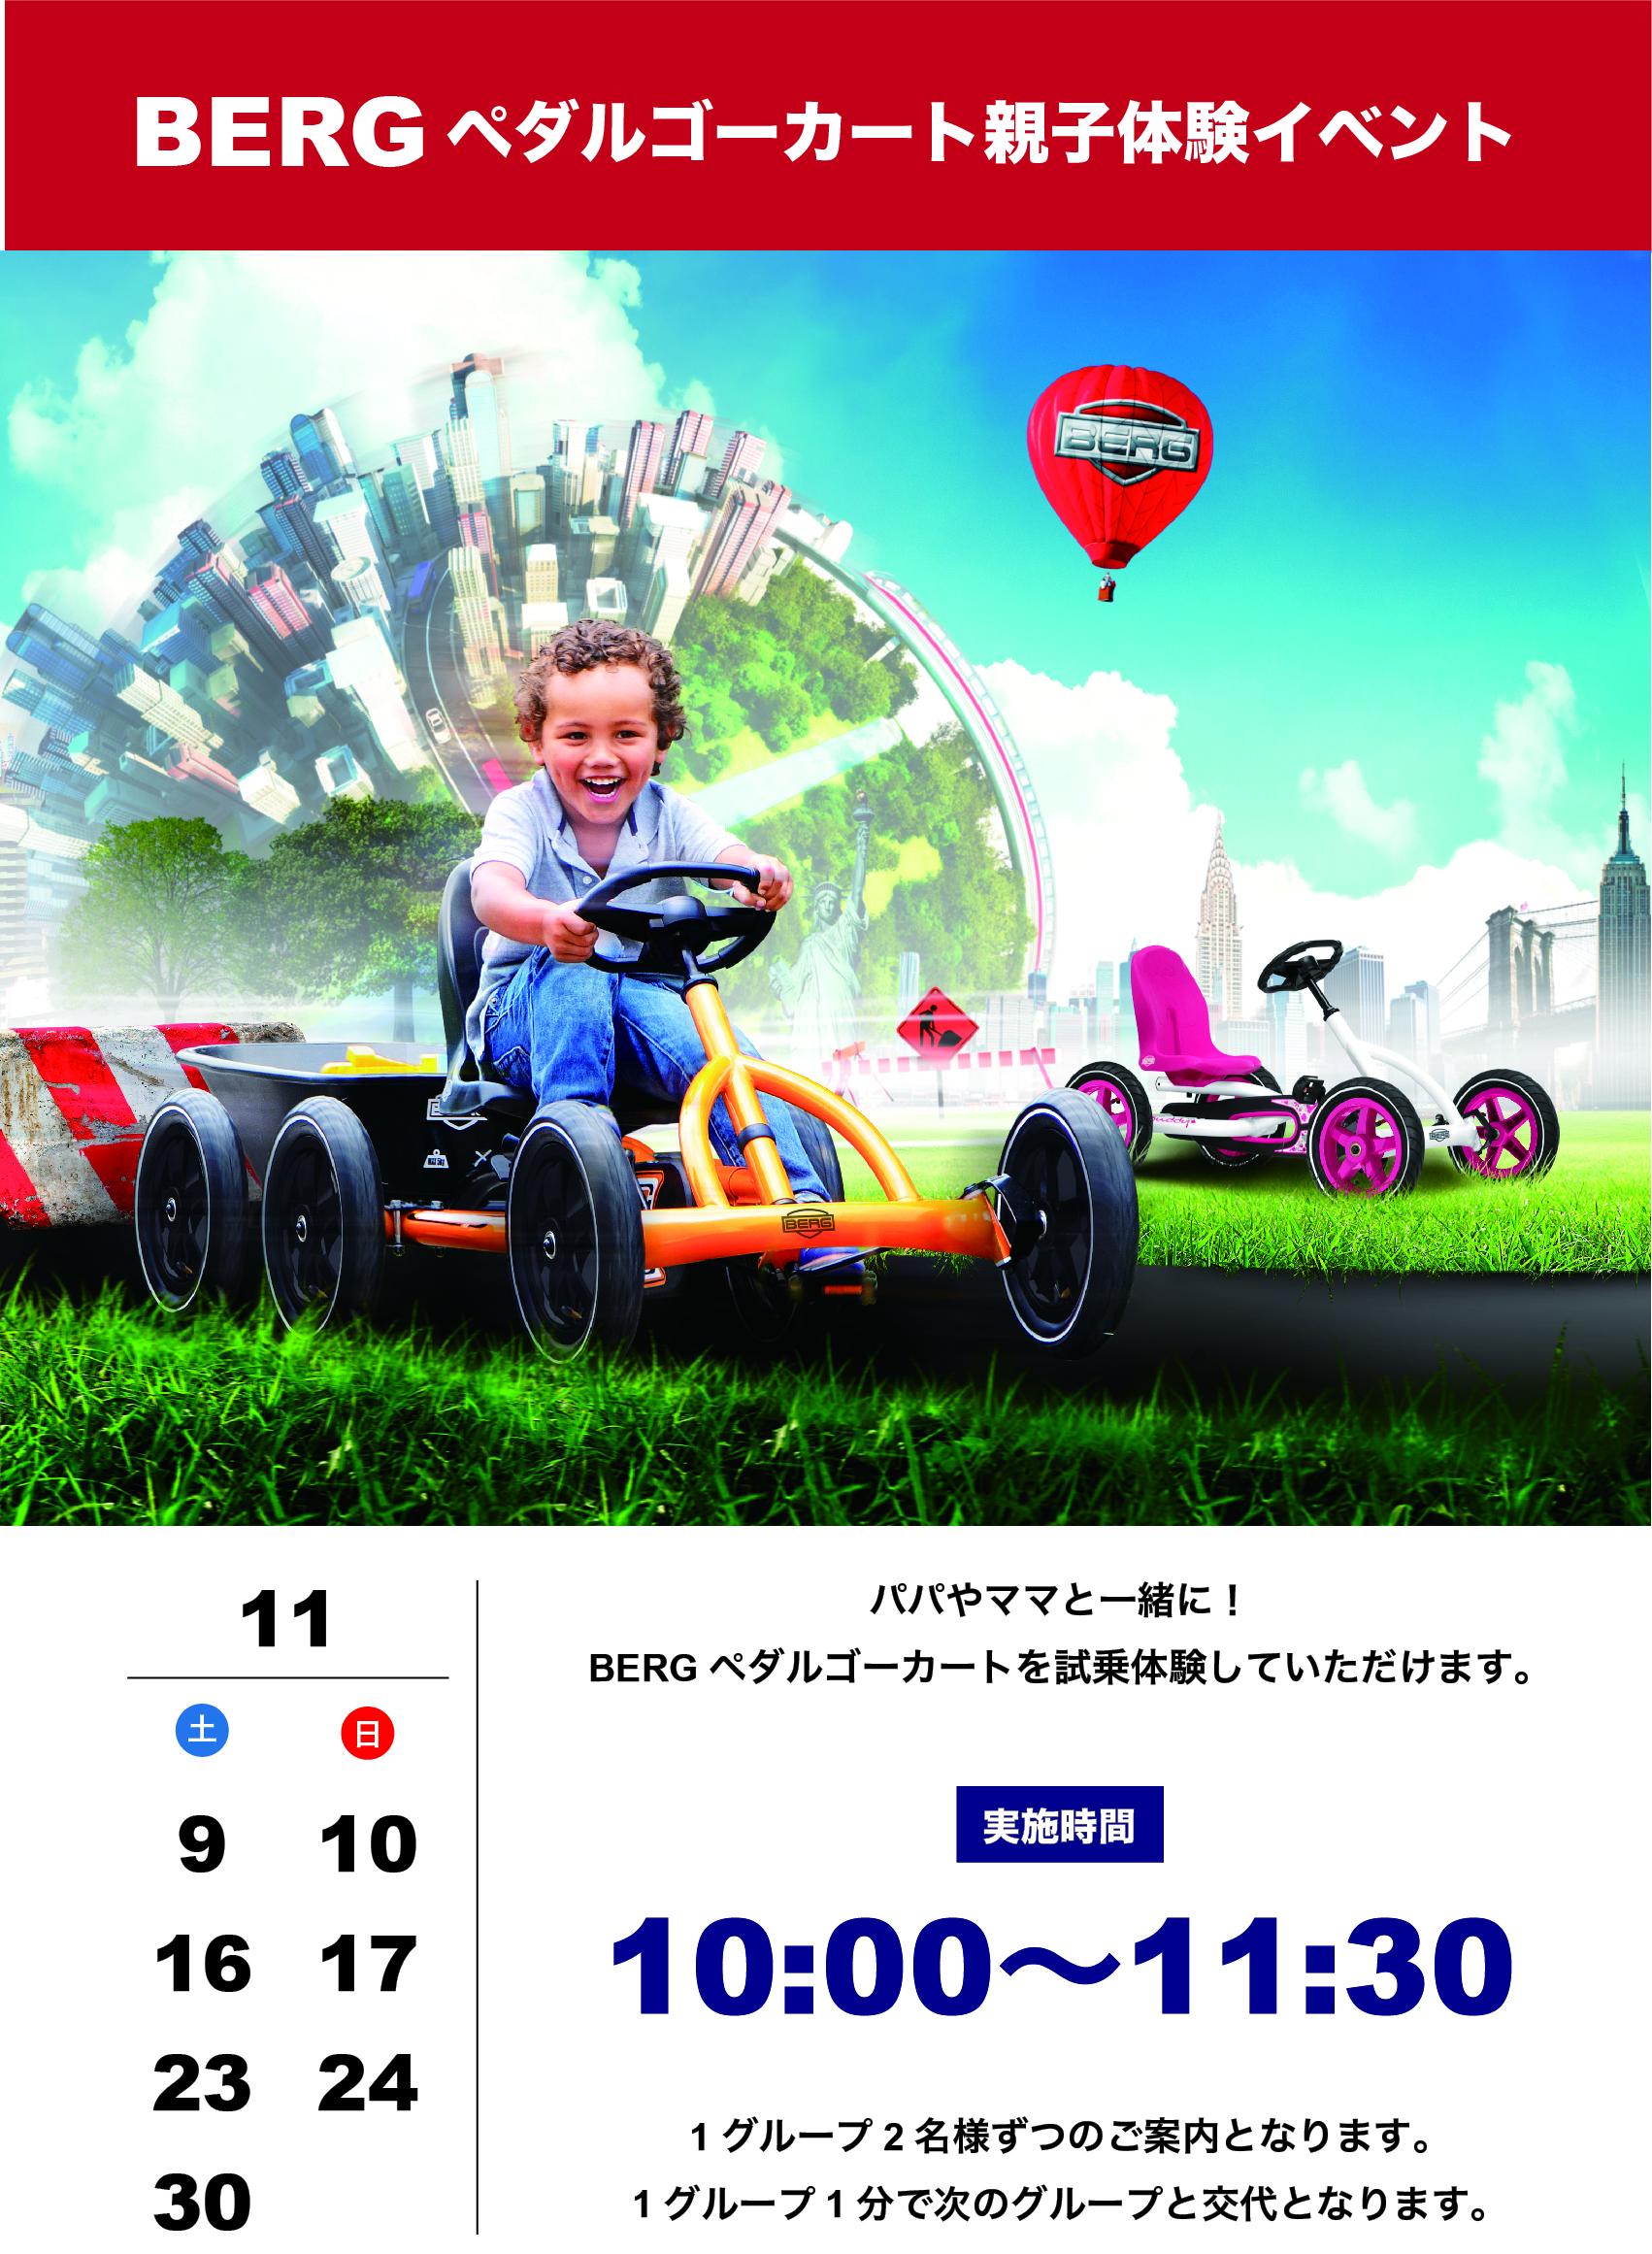 阪急西宮ガーデンズ店 BERGペダルゴーカート体験イベント